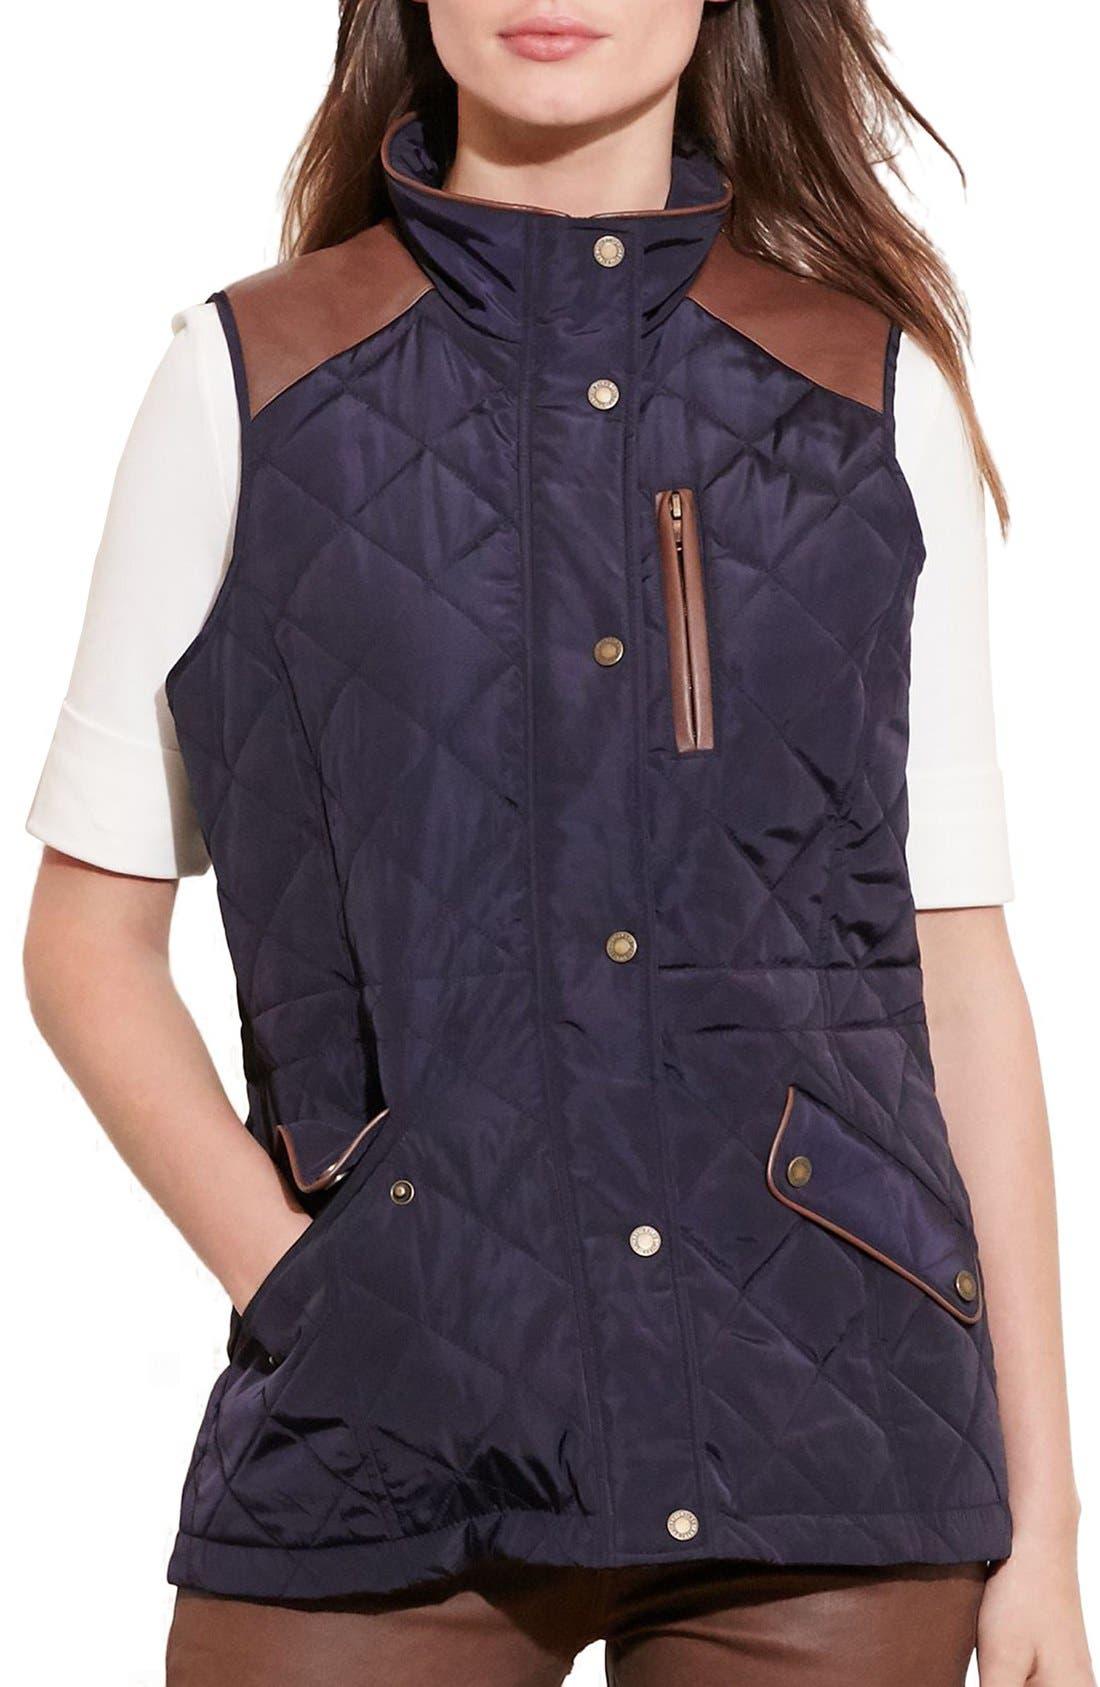 Alternate Image 1 Selected - Lauren Ralph Lauren Quilt Vest (Regular & Petite)